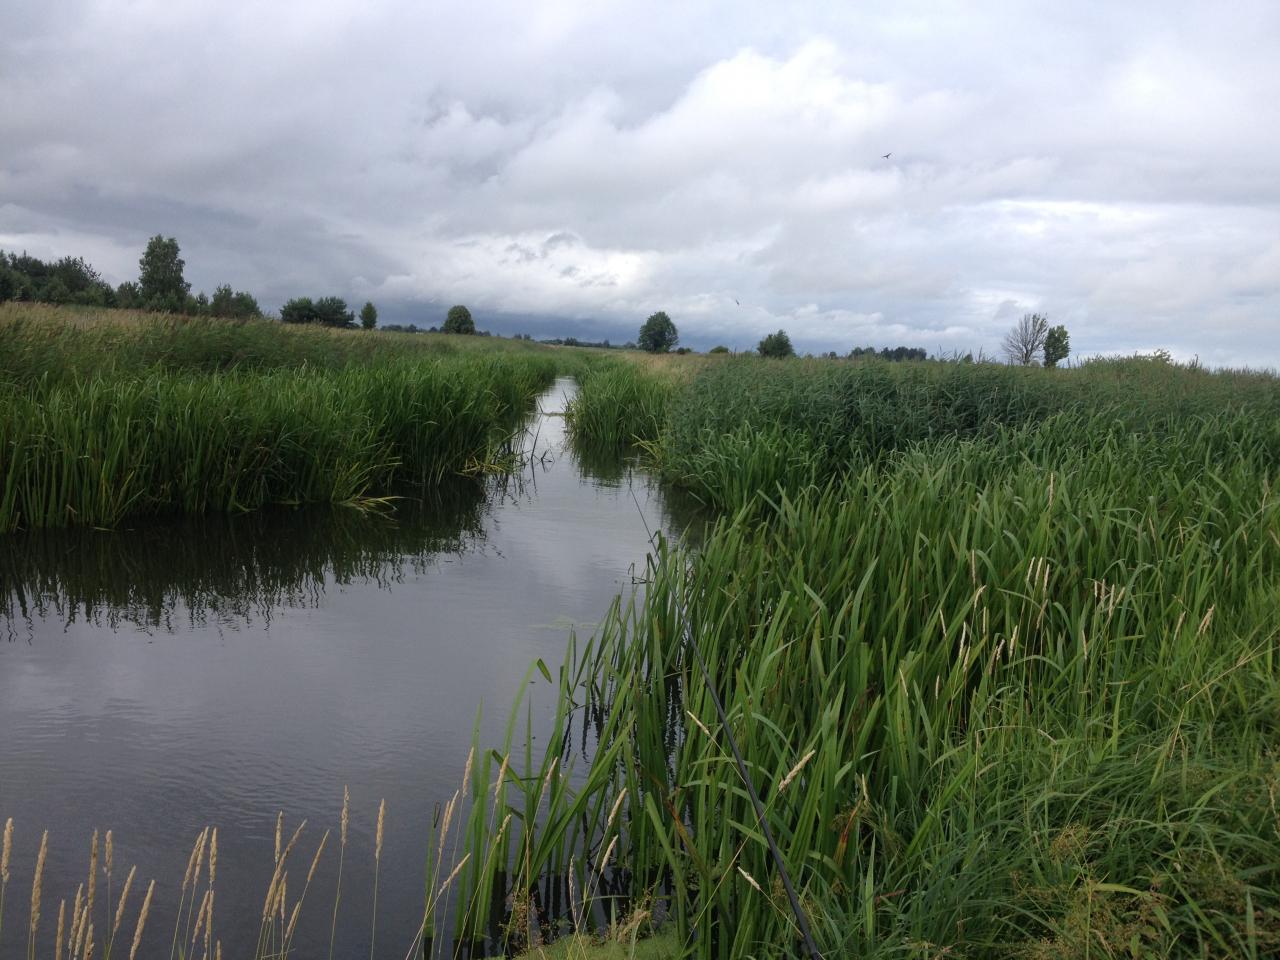 Вчера тоже из за погоды работы в деревне ... | Отчеты о рыбалке в Беларуси